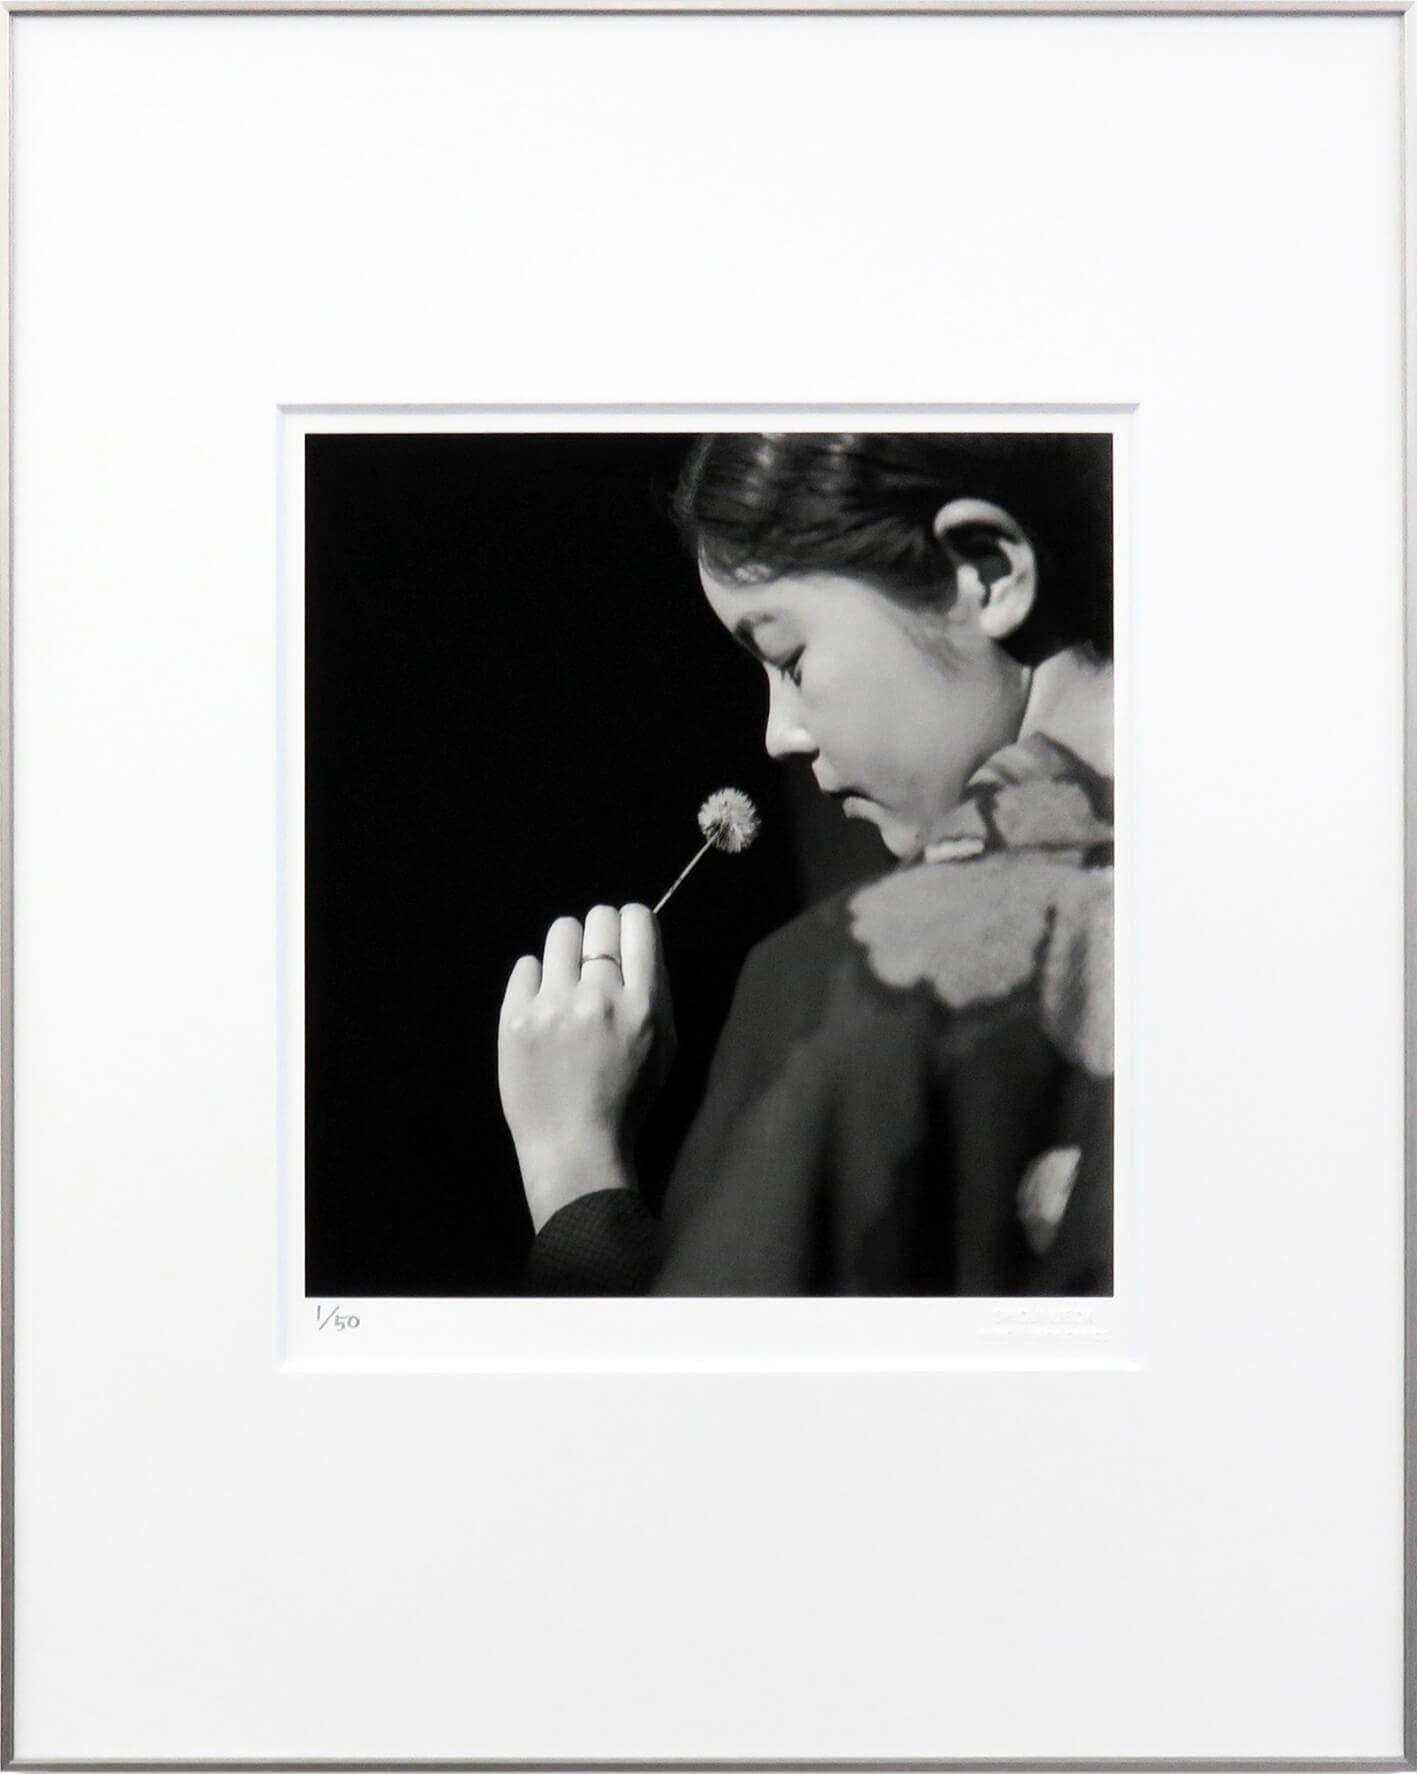 植田正治 版画「未発表作品集「僕のアルバム」より」の画像